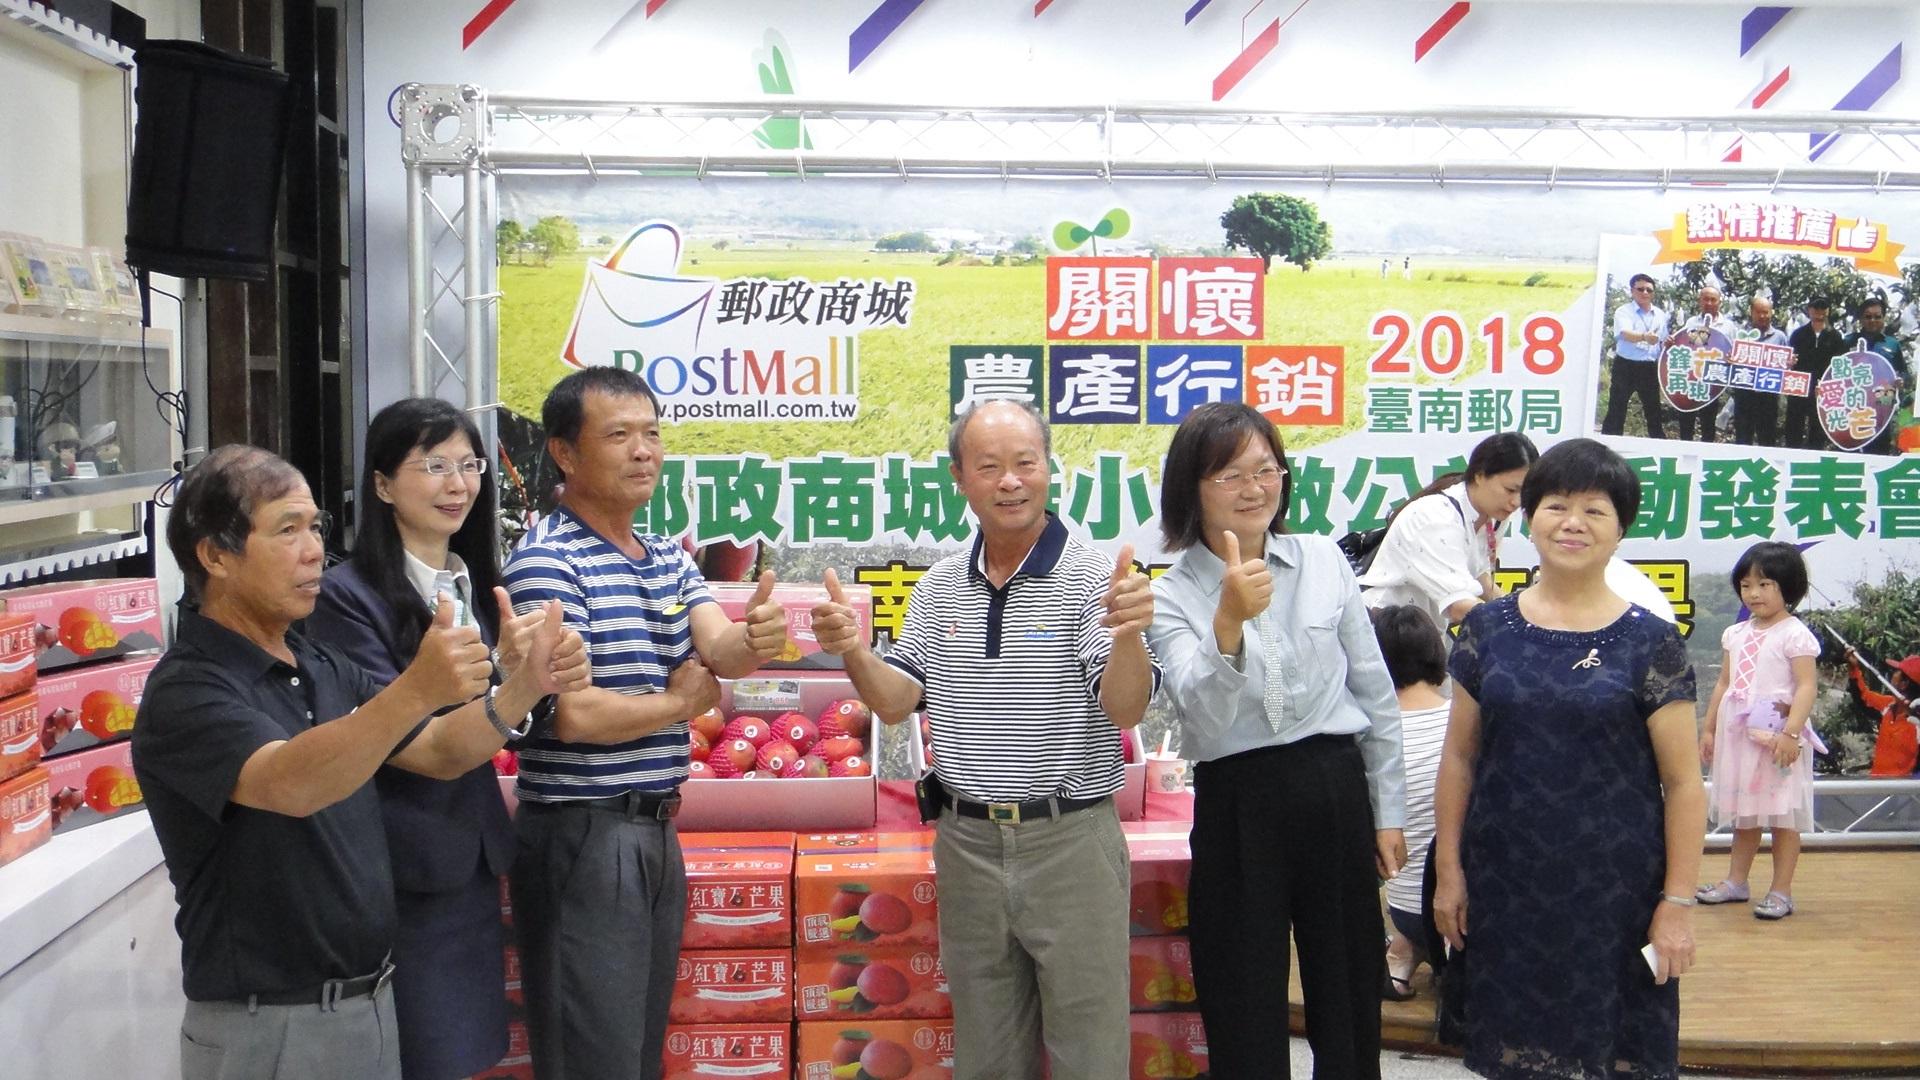 臺南郵局關懷農產行銷挺小農做公益記者會-紅寶石愛文芒果」上市